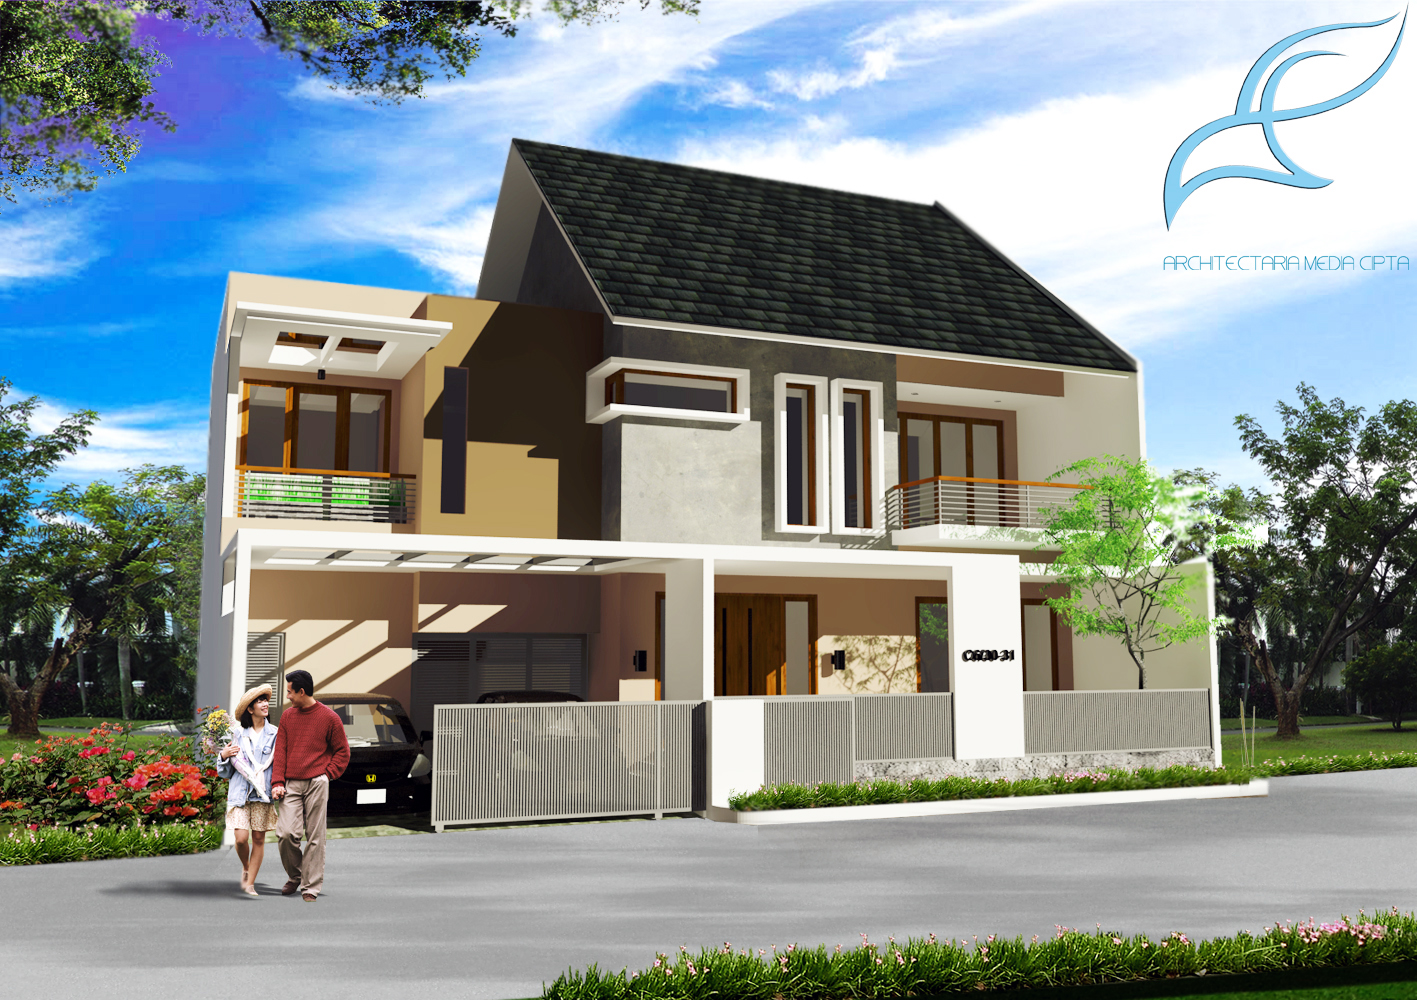 desain_arsitektur_rumah_tropis_taman_semanan_indah